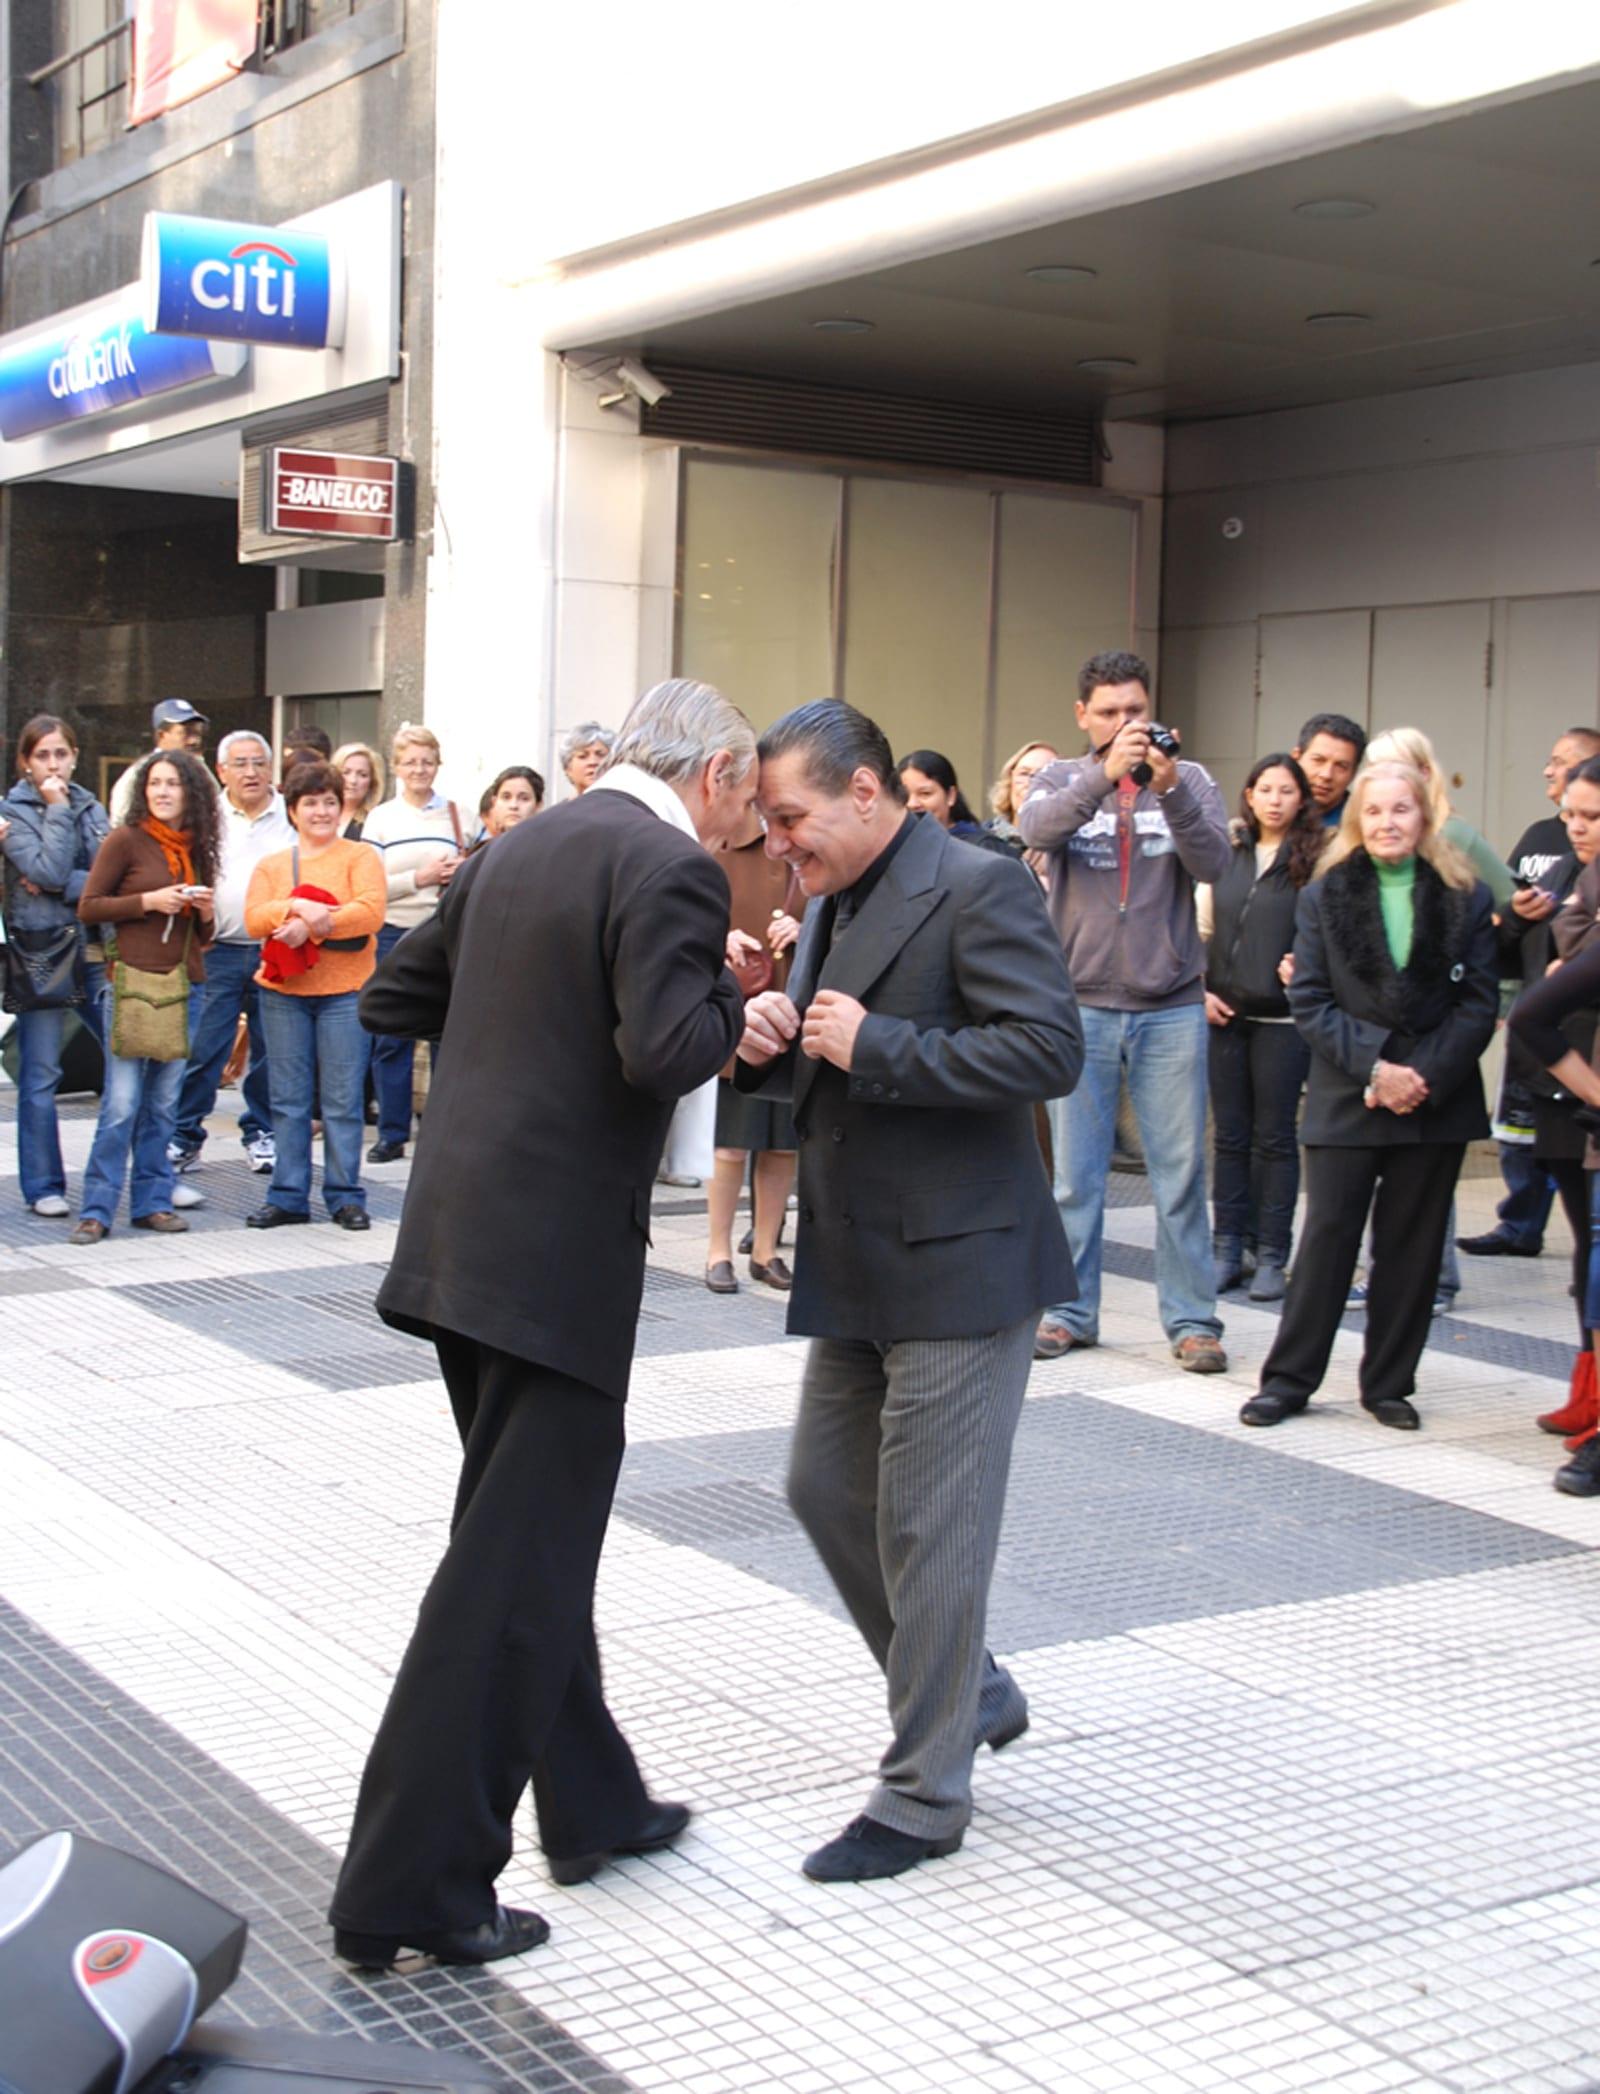 Vũ điệu Tango độc đáo ở Argentina - 3